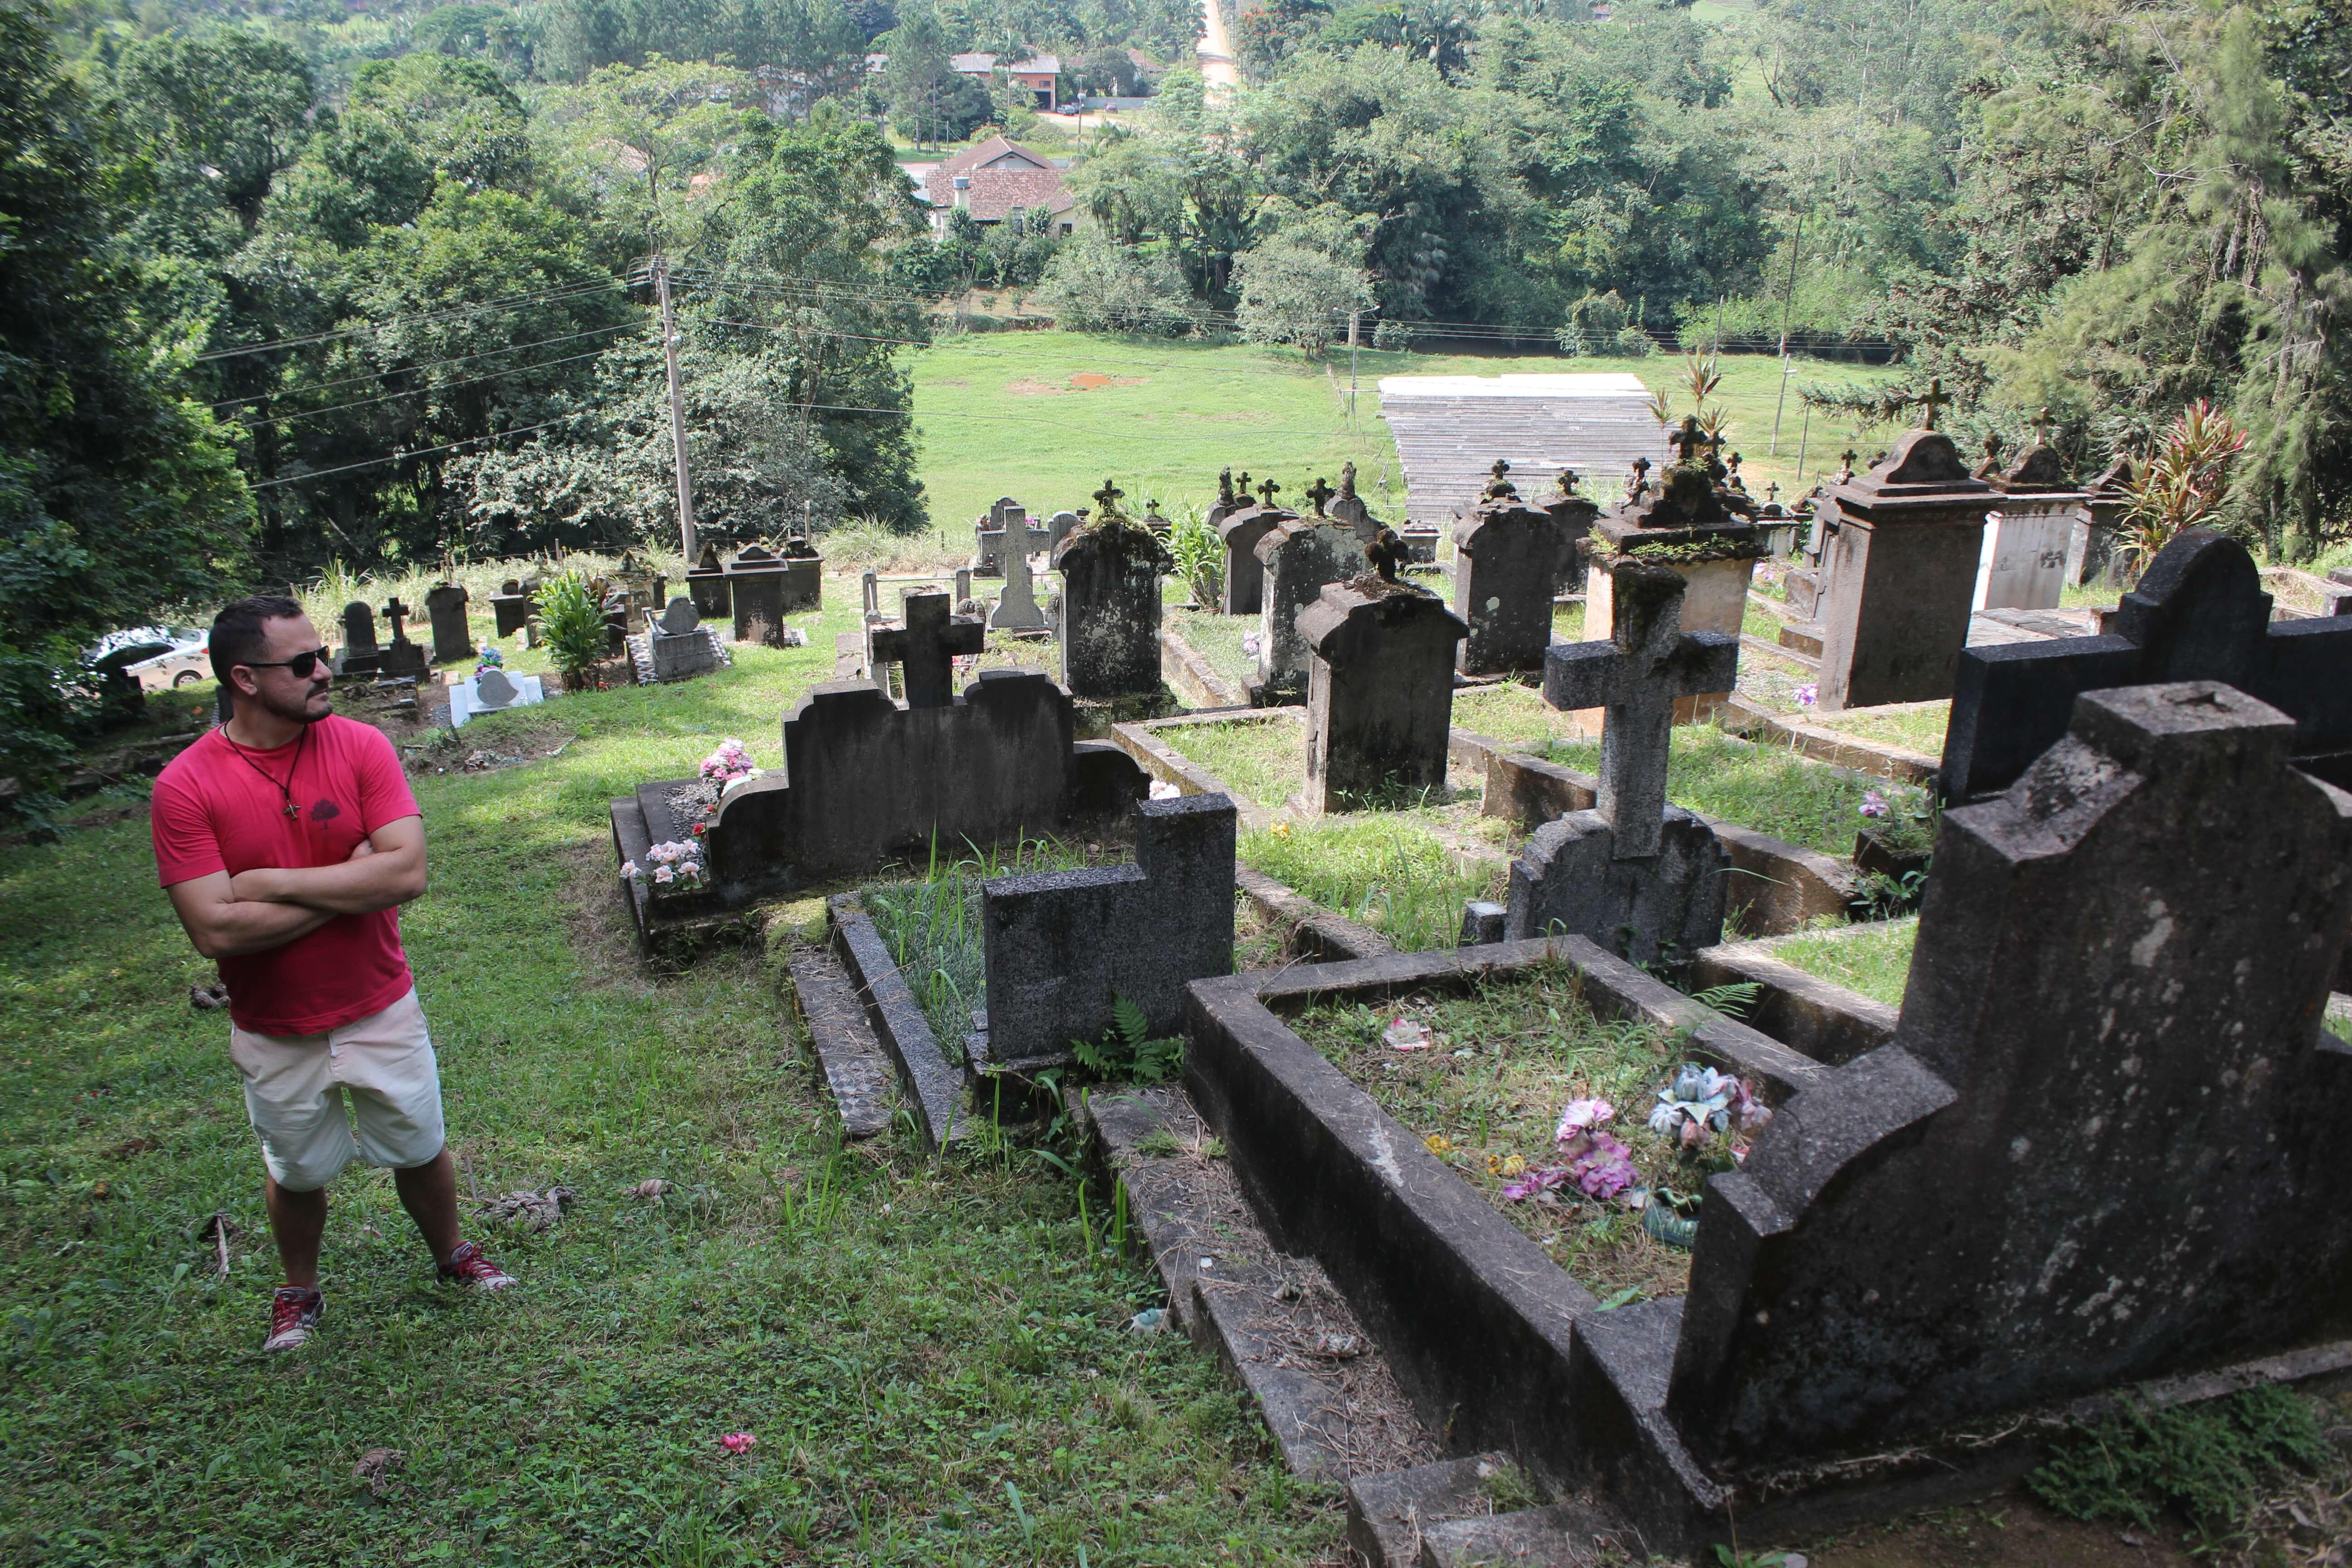 O antigo Cemitério dos Luteranos onde todas as lápides têm inscrições em alemão